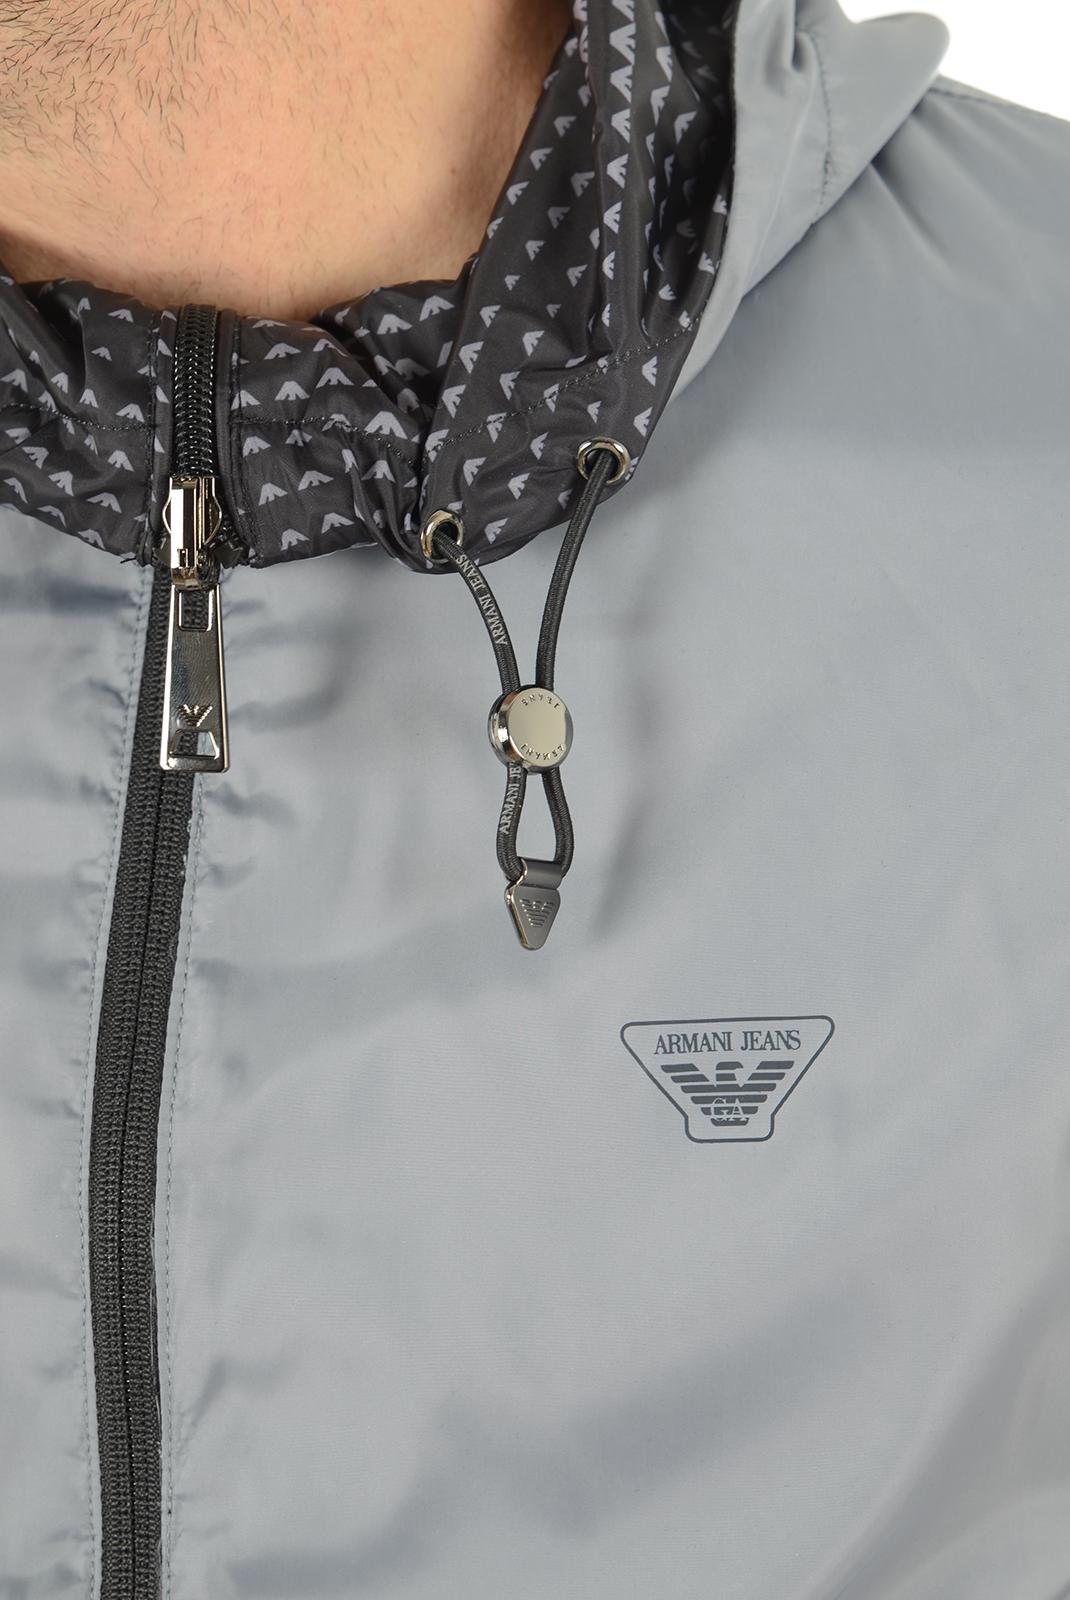 Homme  Armani jeans C6B77 UJ KH noir imprimé, gris uni